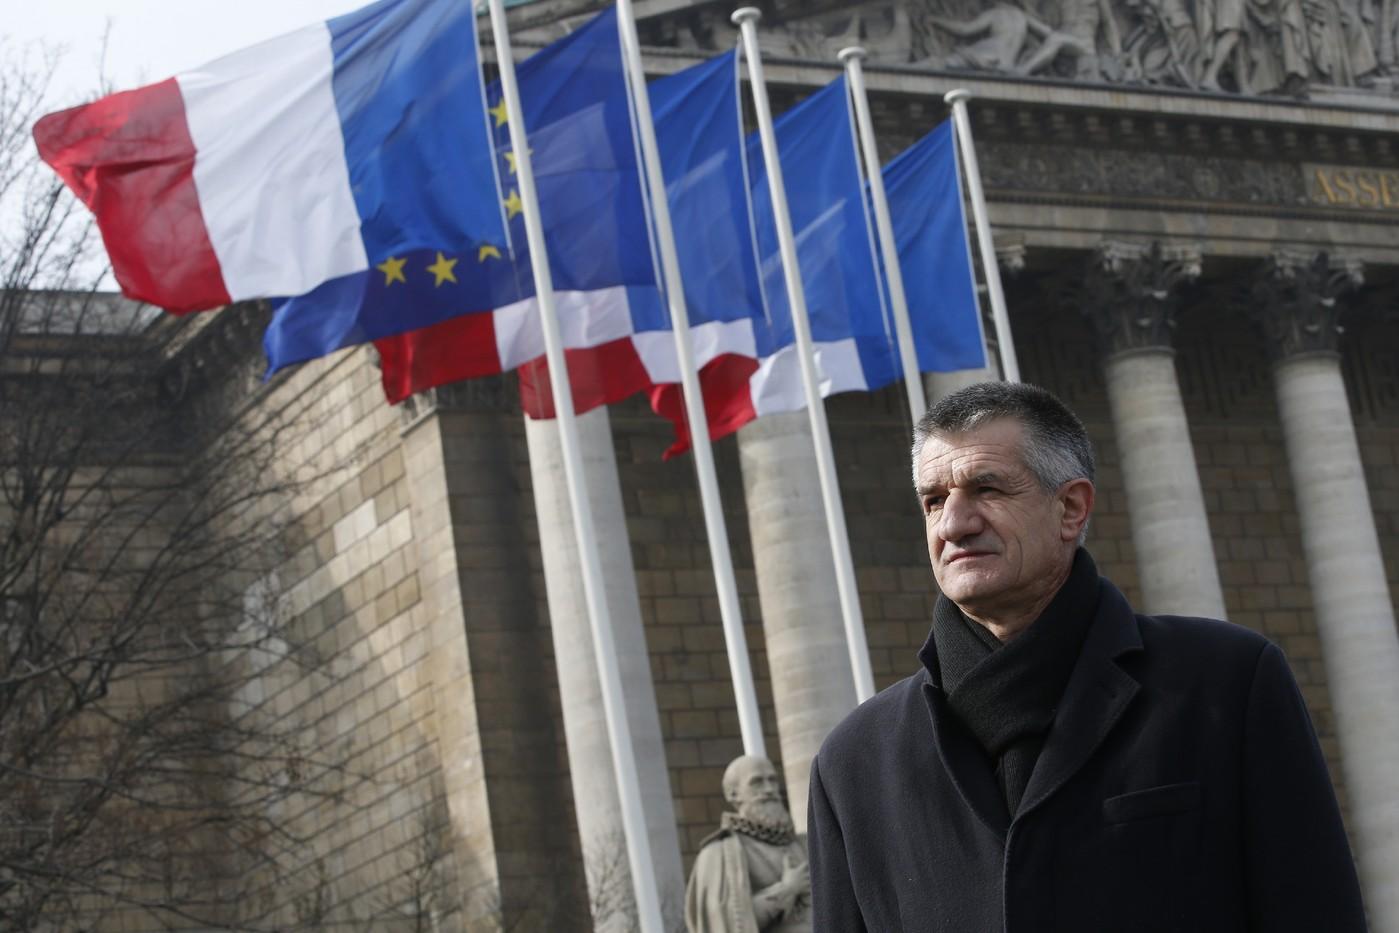 https://i1.wp.com/www.dreuz.info/wp-content/uploads/2017/04/Jean-Lassalle-60-depute-centriste-MoDem-Pyrenees-Atlantiques-18-mars-2016-devant-Assemblee-nationale-Paris_2_1400_933.jpg